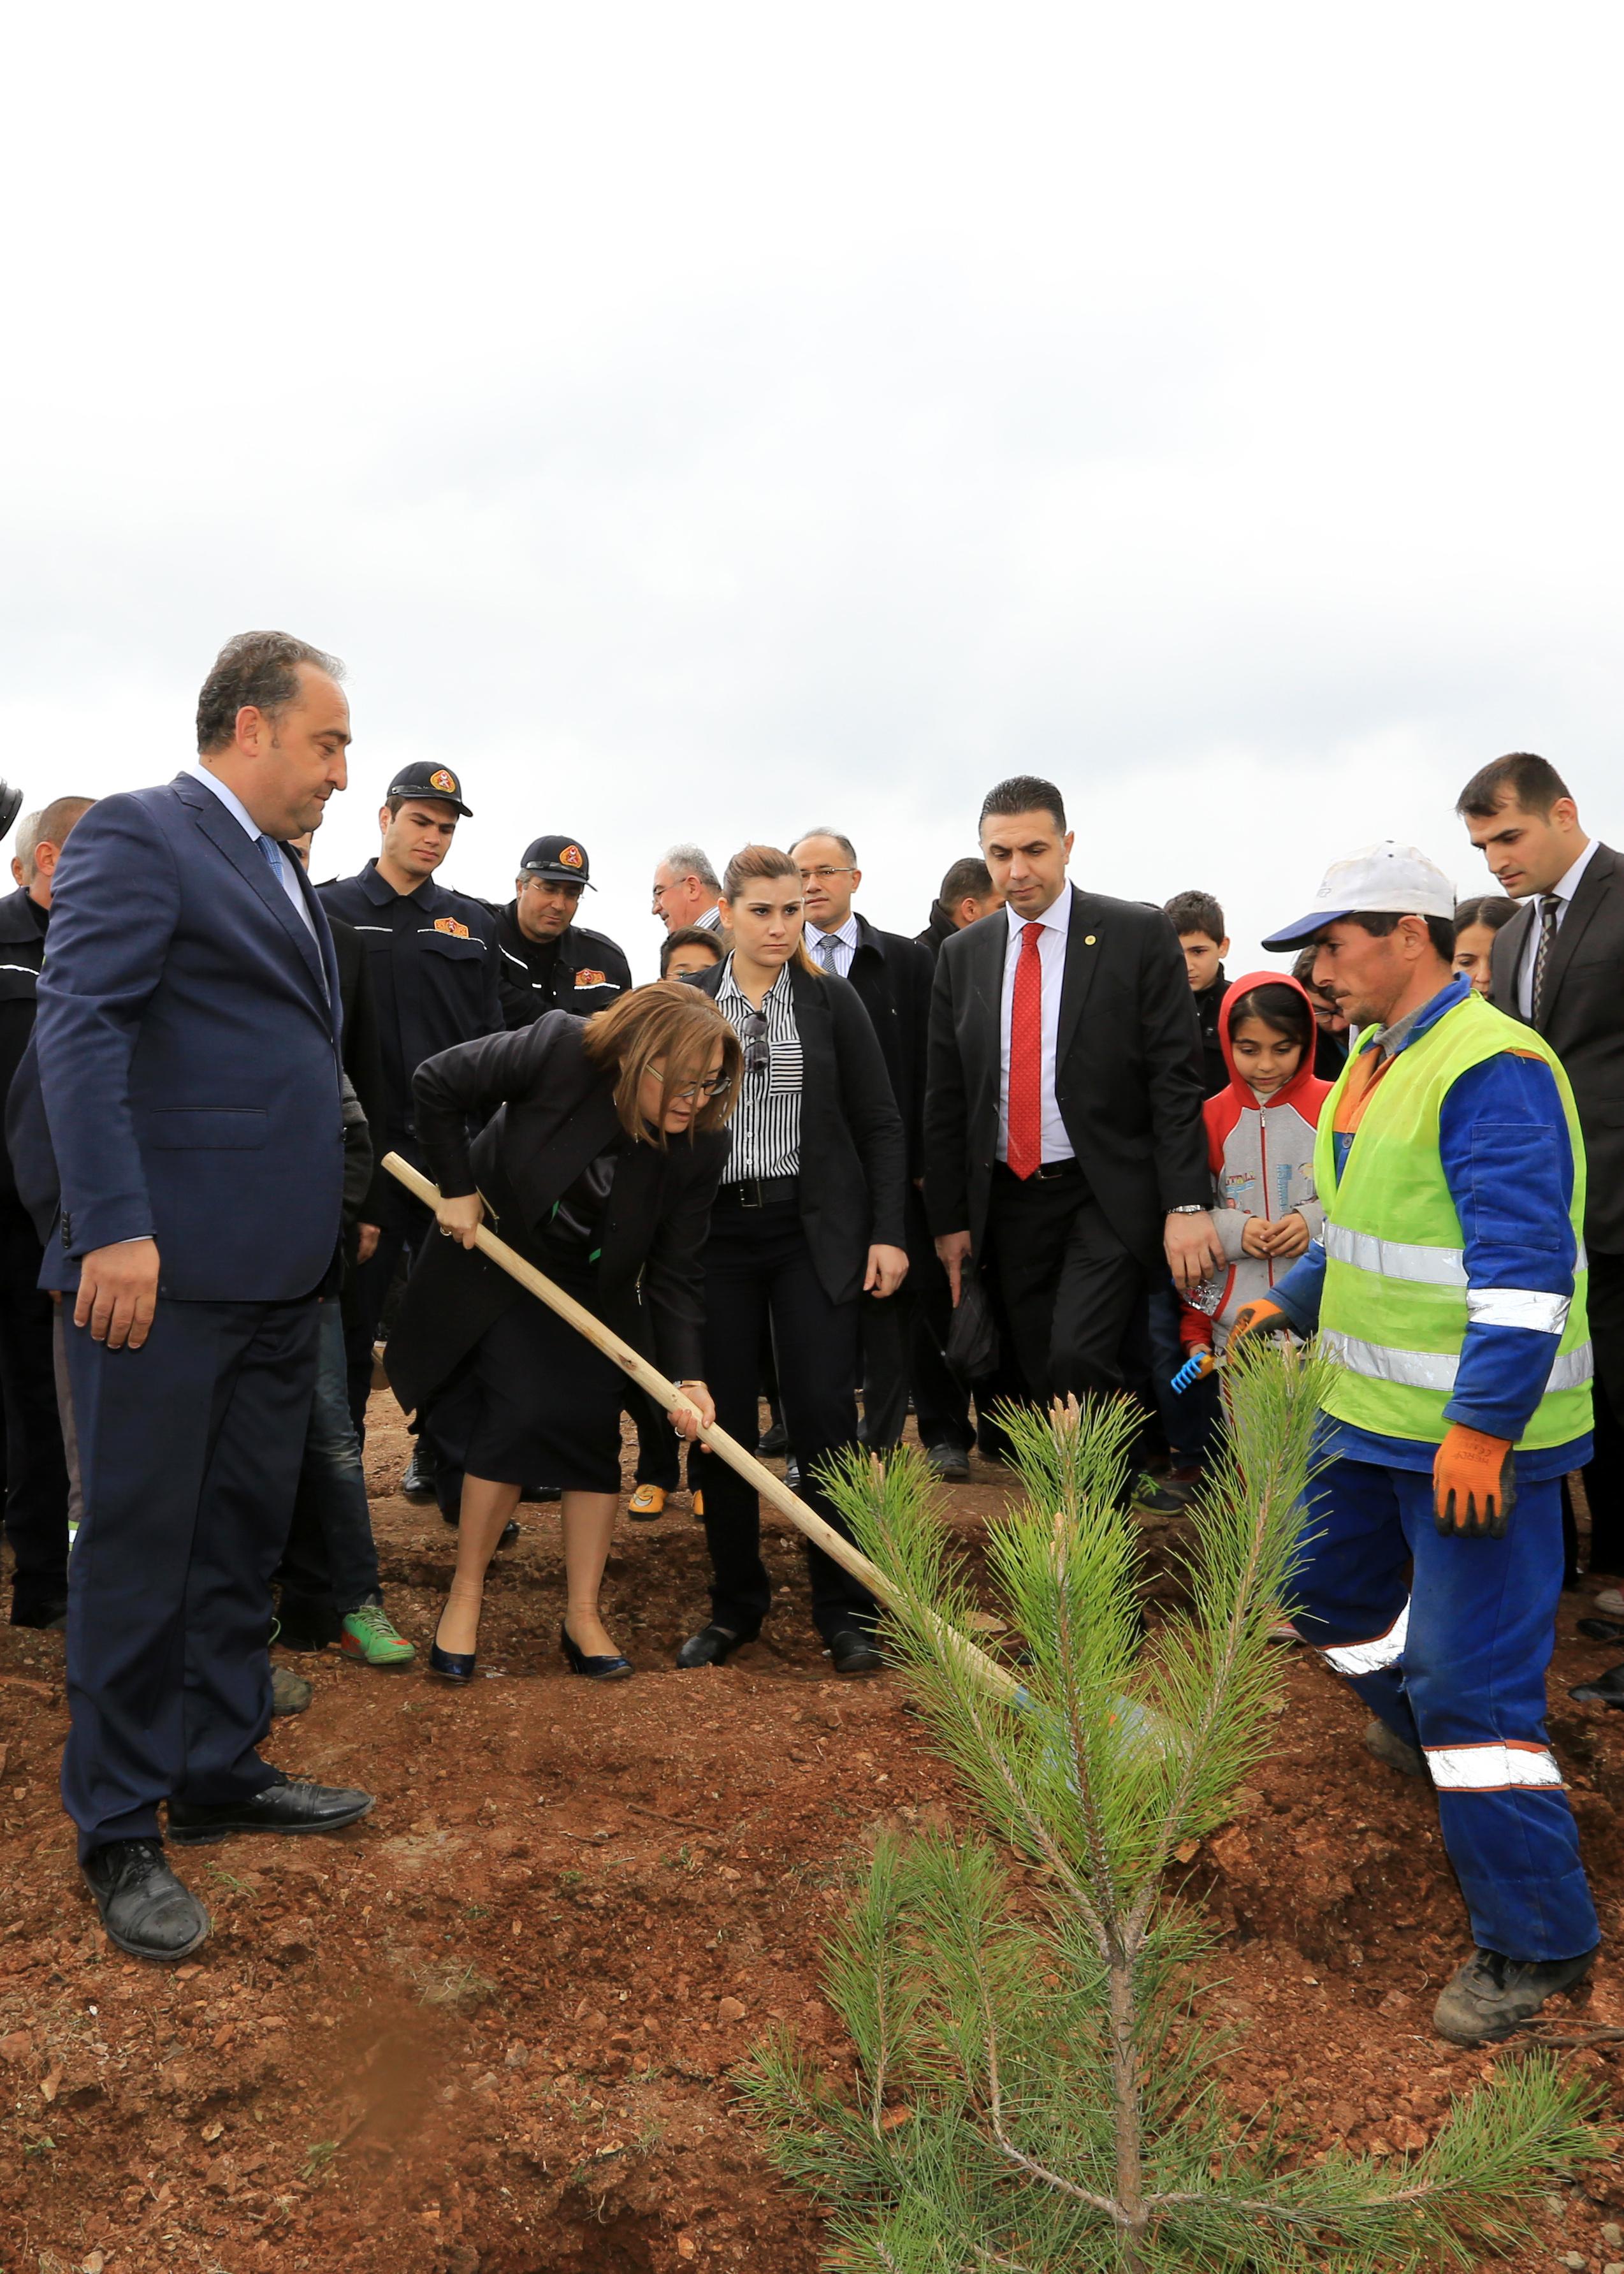 yeni-bina-yapanlar-10-ağaç-dikecek!.20150720100155.jpg